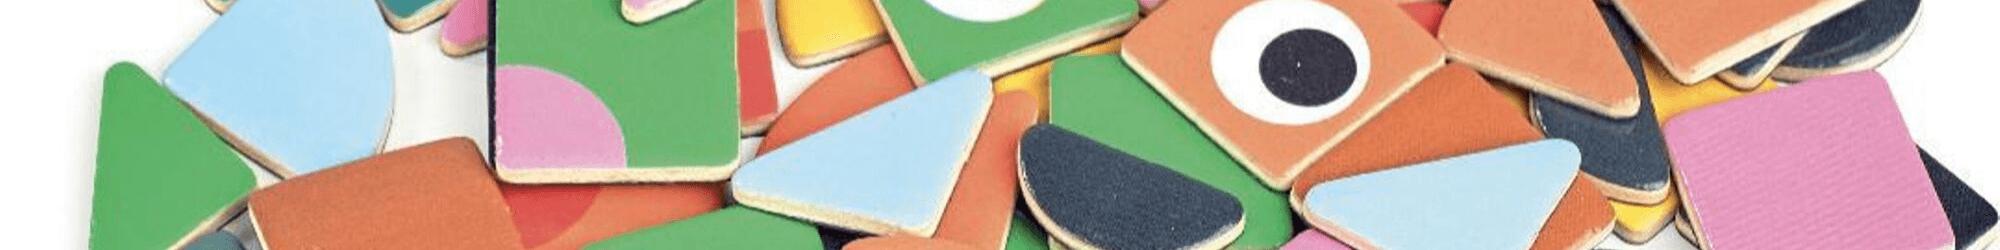 Speelgoedwinkel Daantje houten speelgoed magneetspel